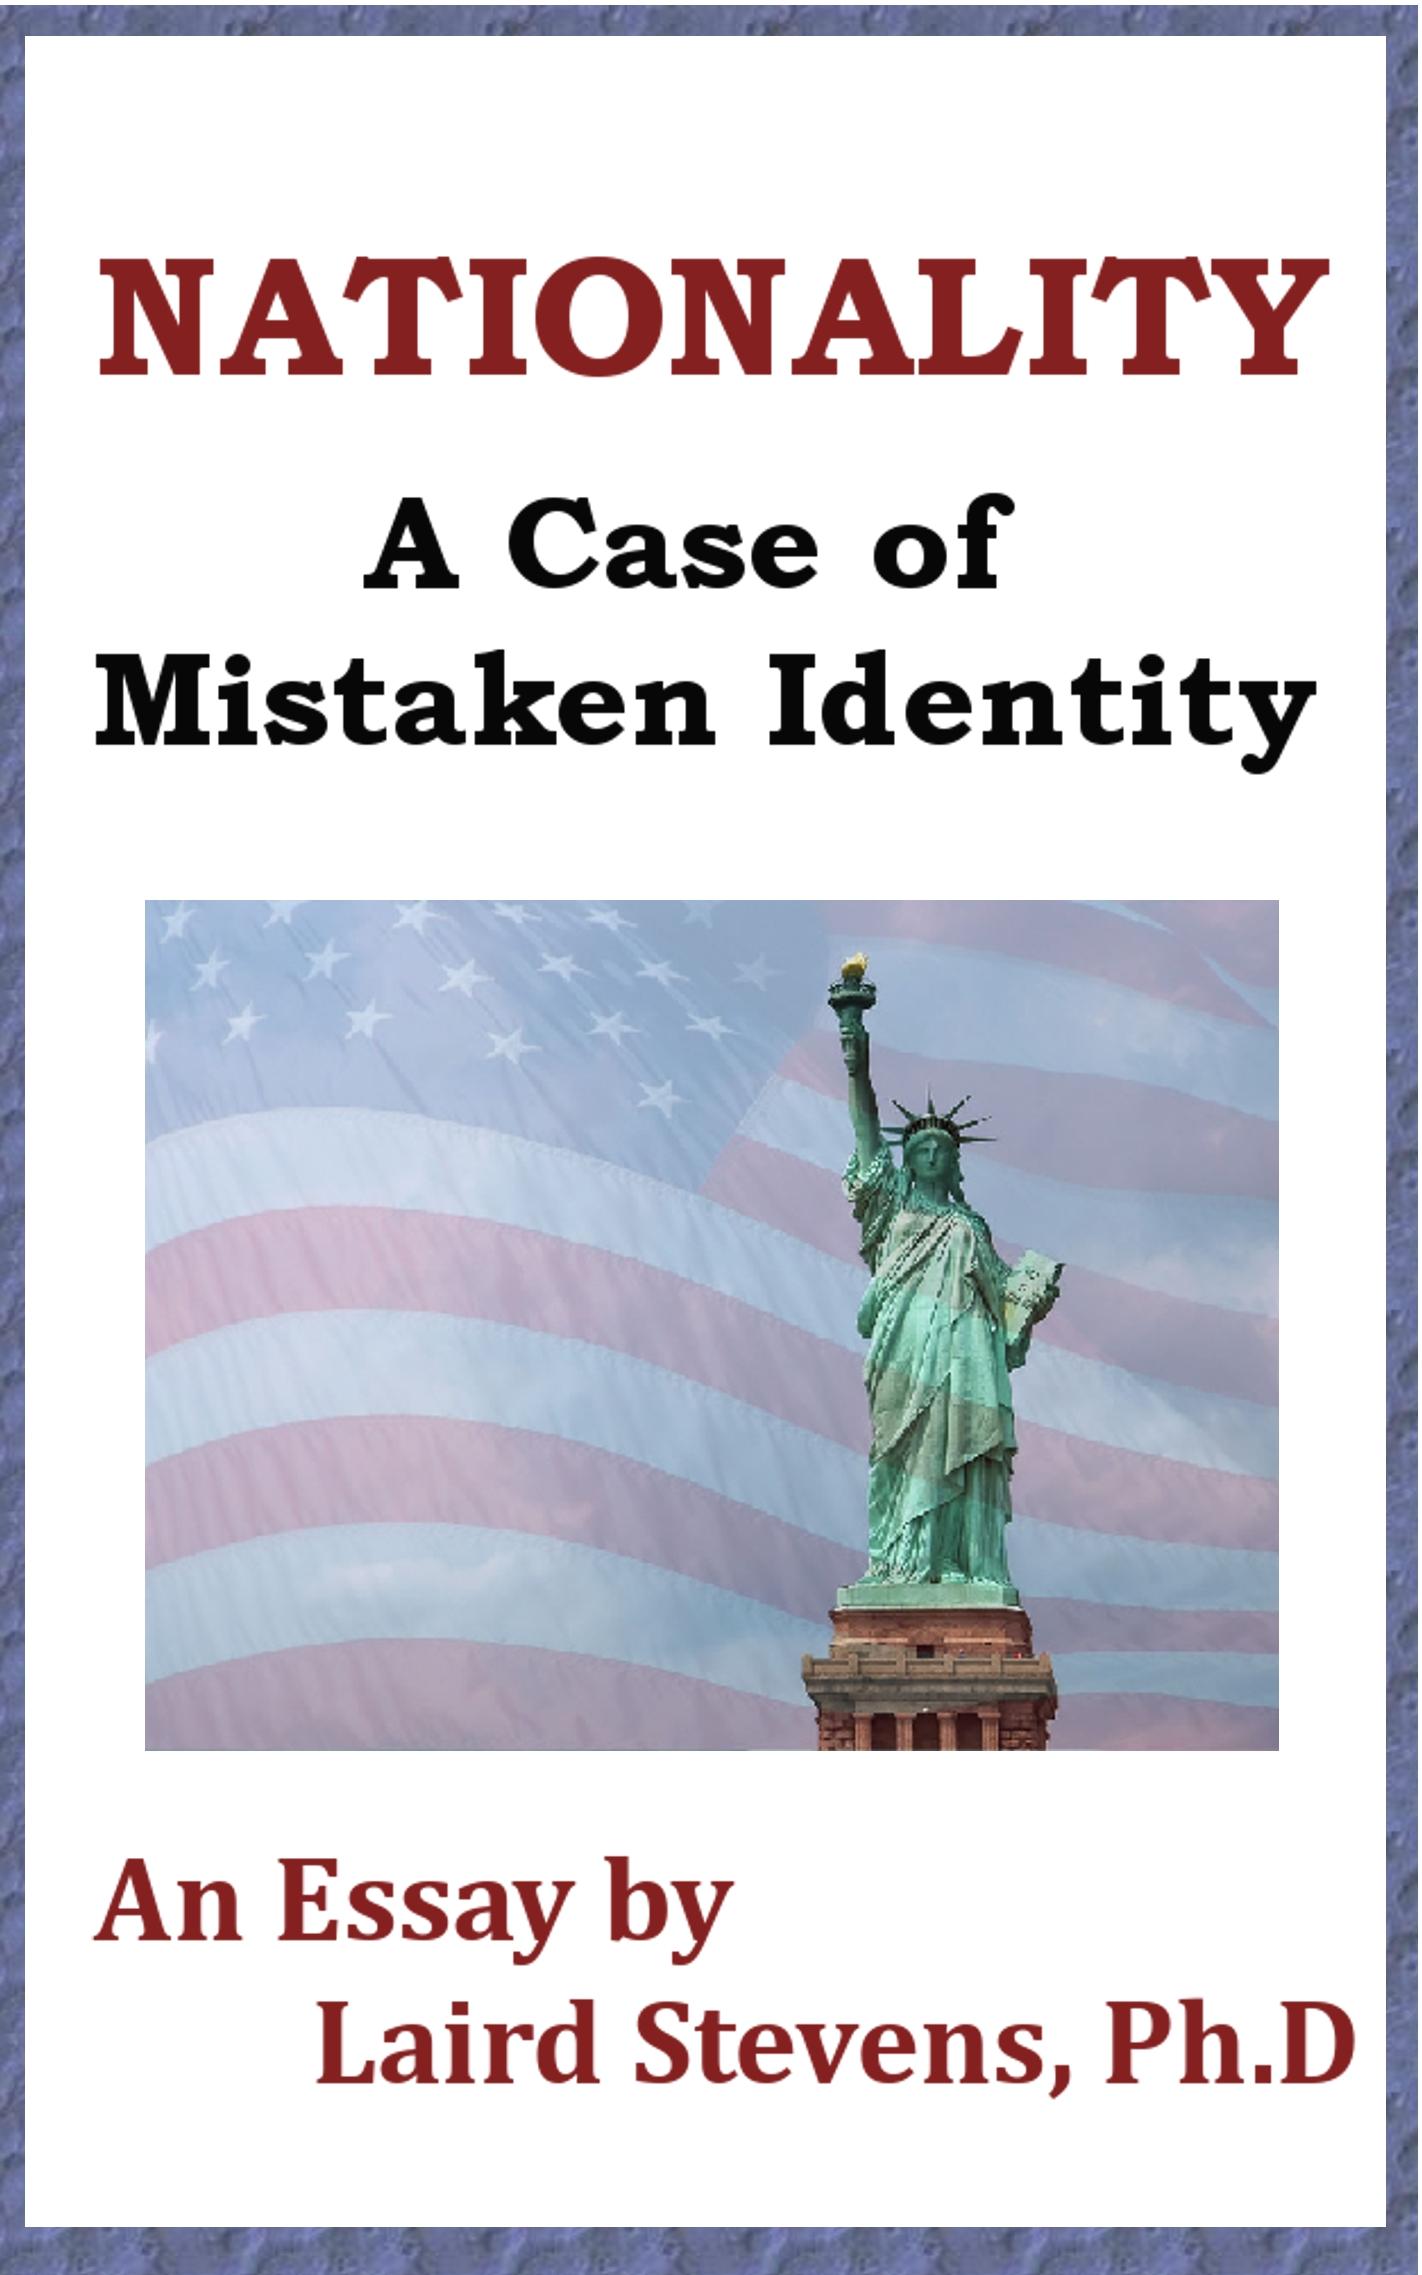 An essay on a case of mistaken identity